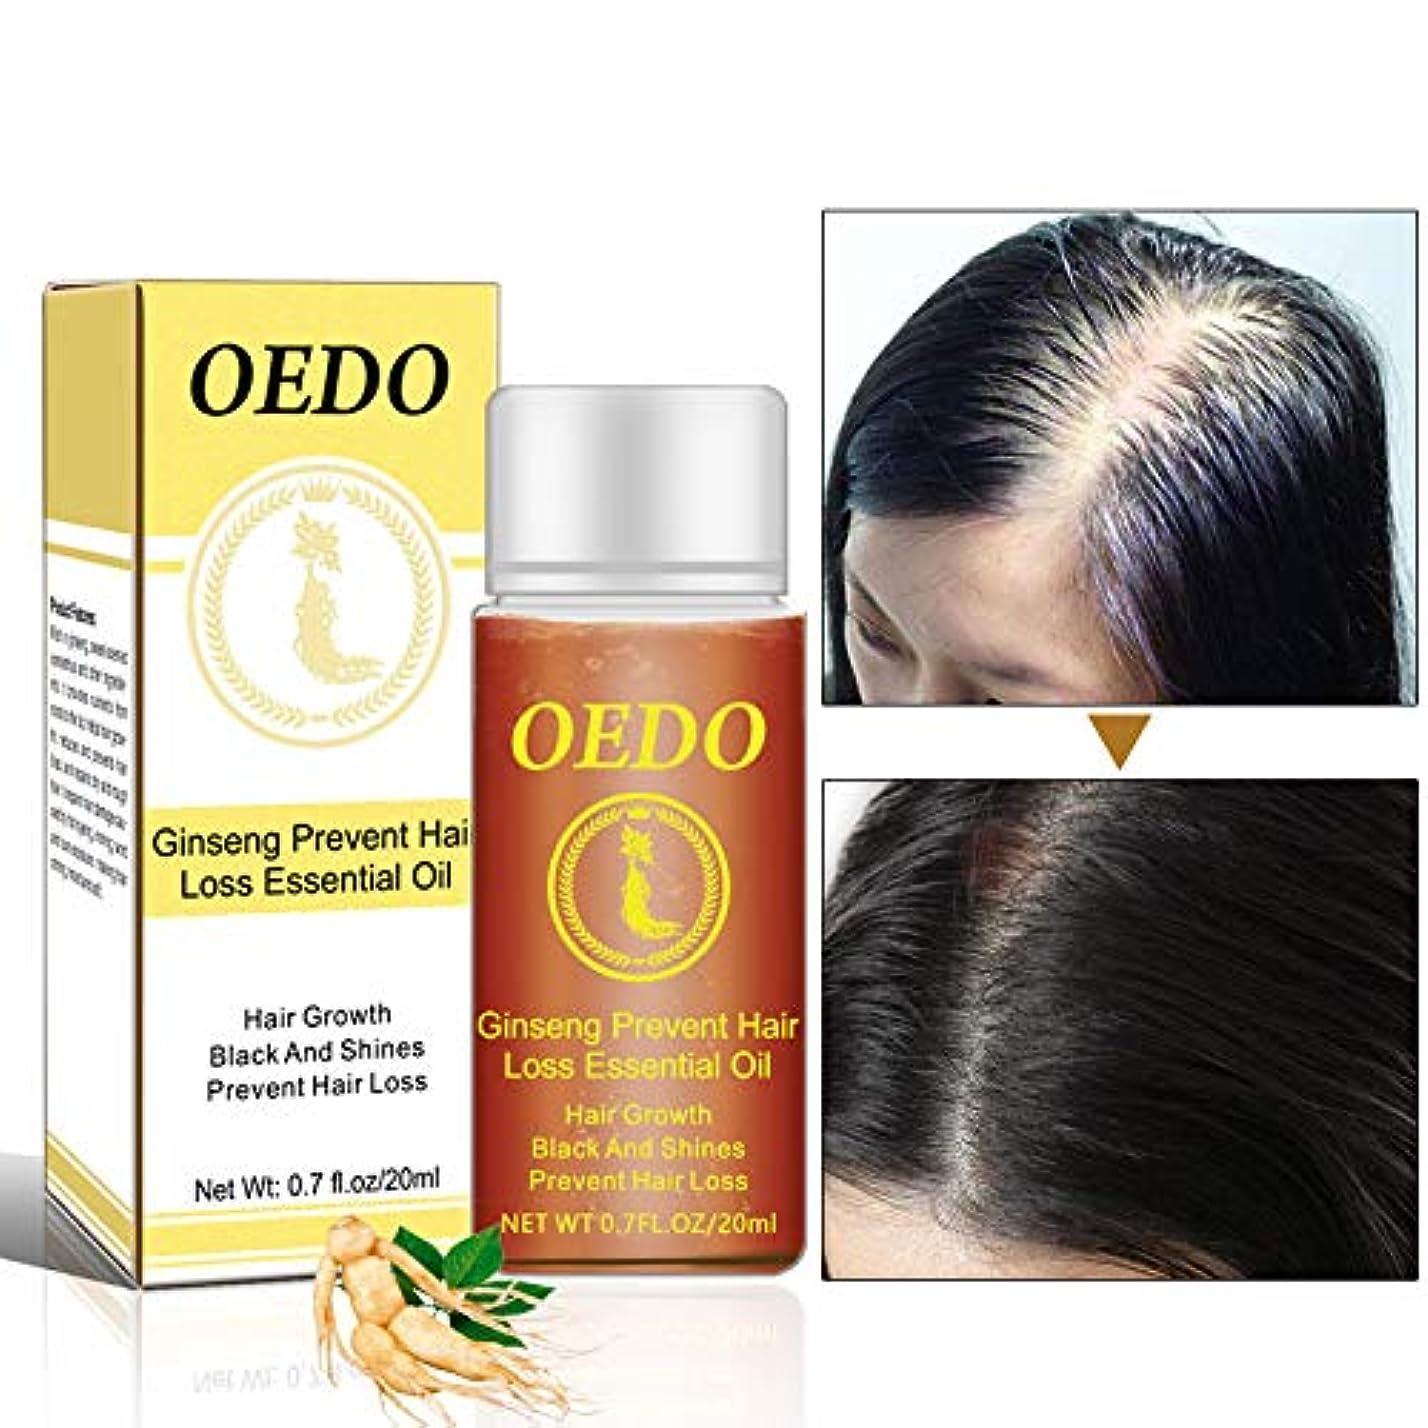 石油哲学者注意Symboat ヘアケアエッセンシャルオイル エッセンス栄養 修復 20ml 防止脱毛 脱毛防止 天然オイル 保湿と乾燥した 傷んだ髪 修復